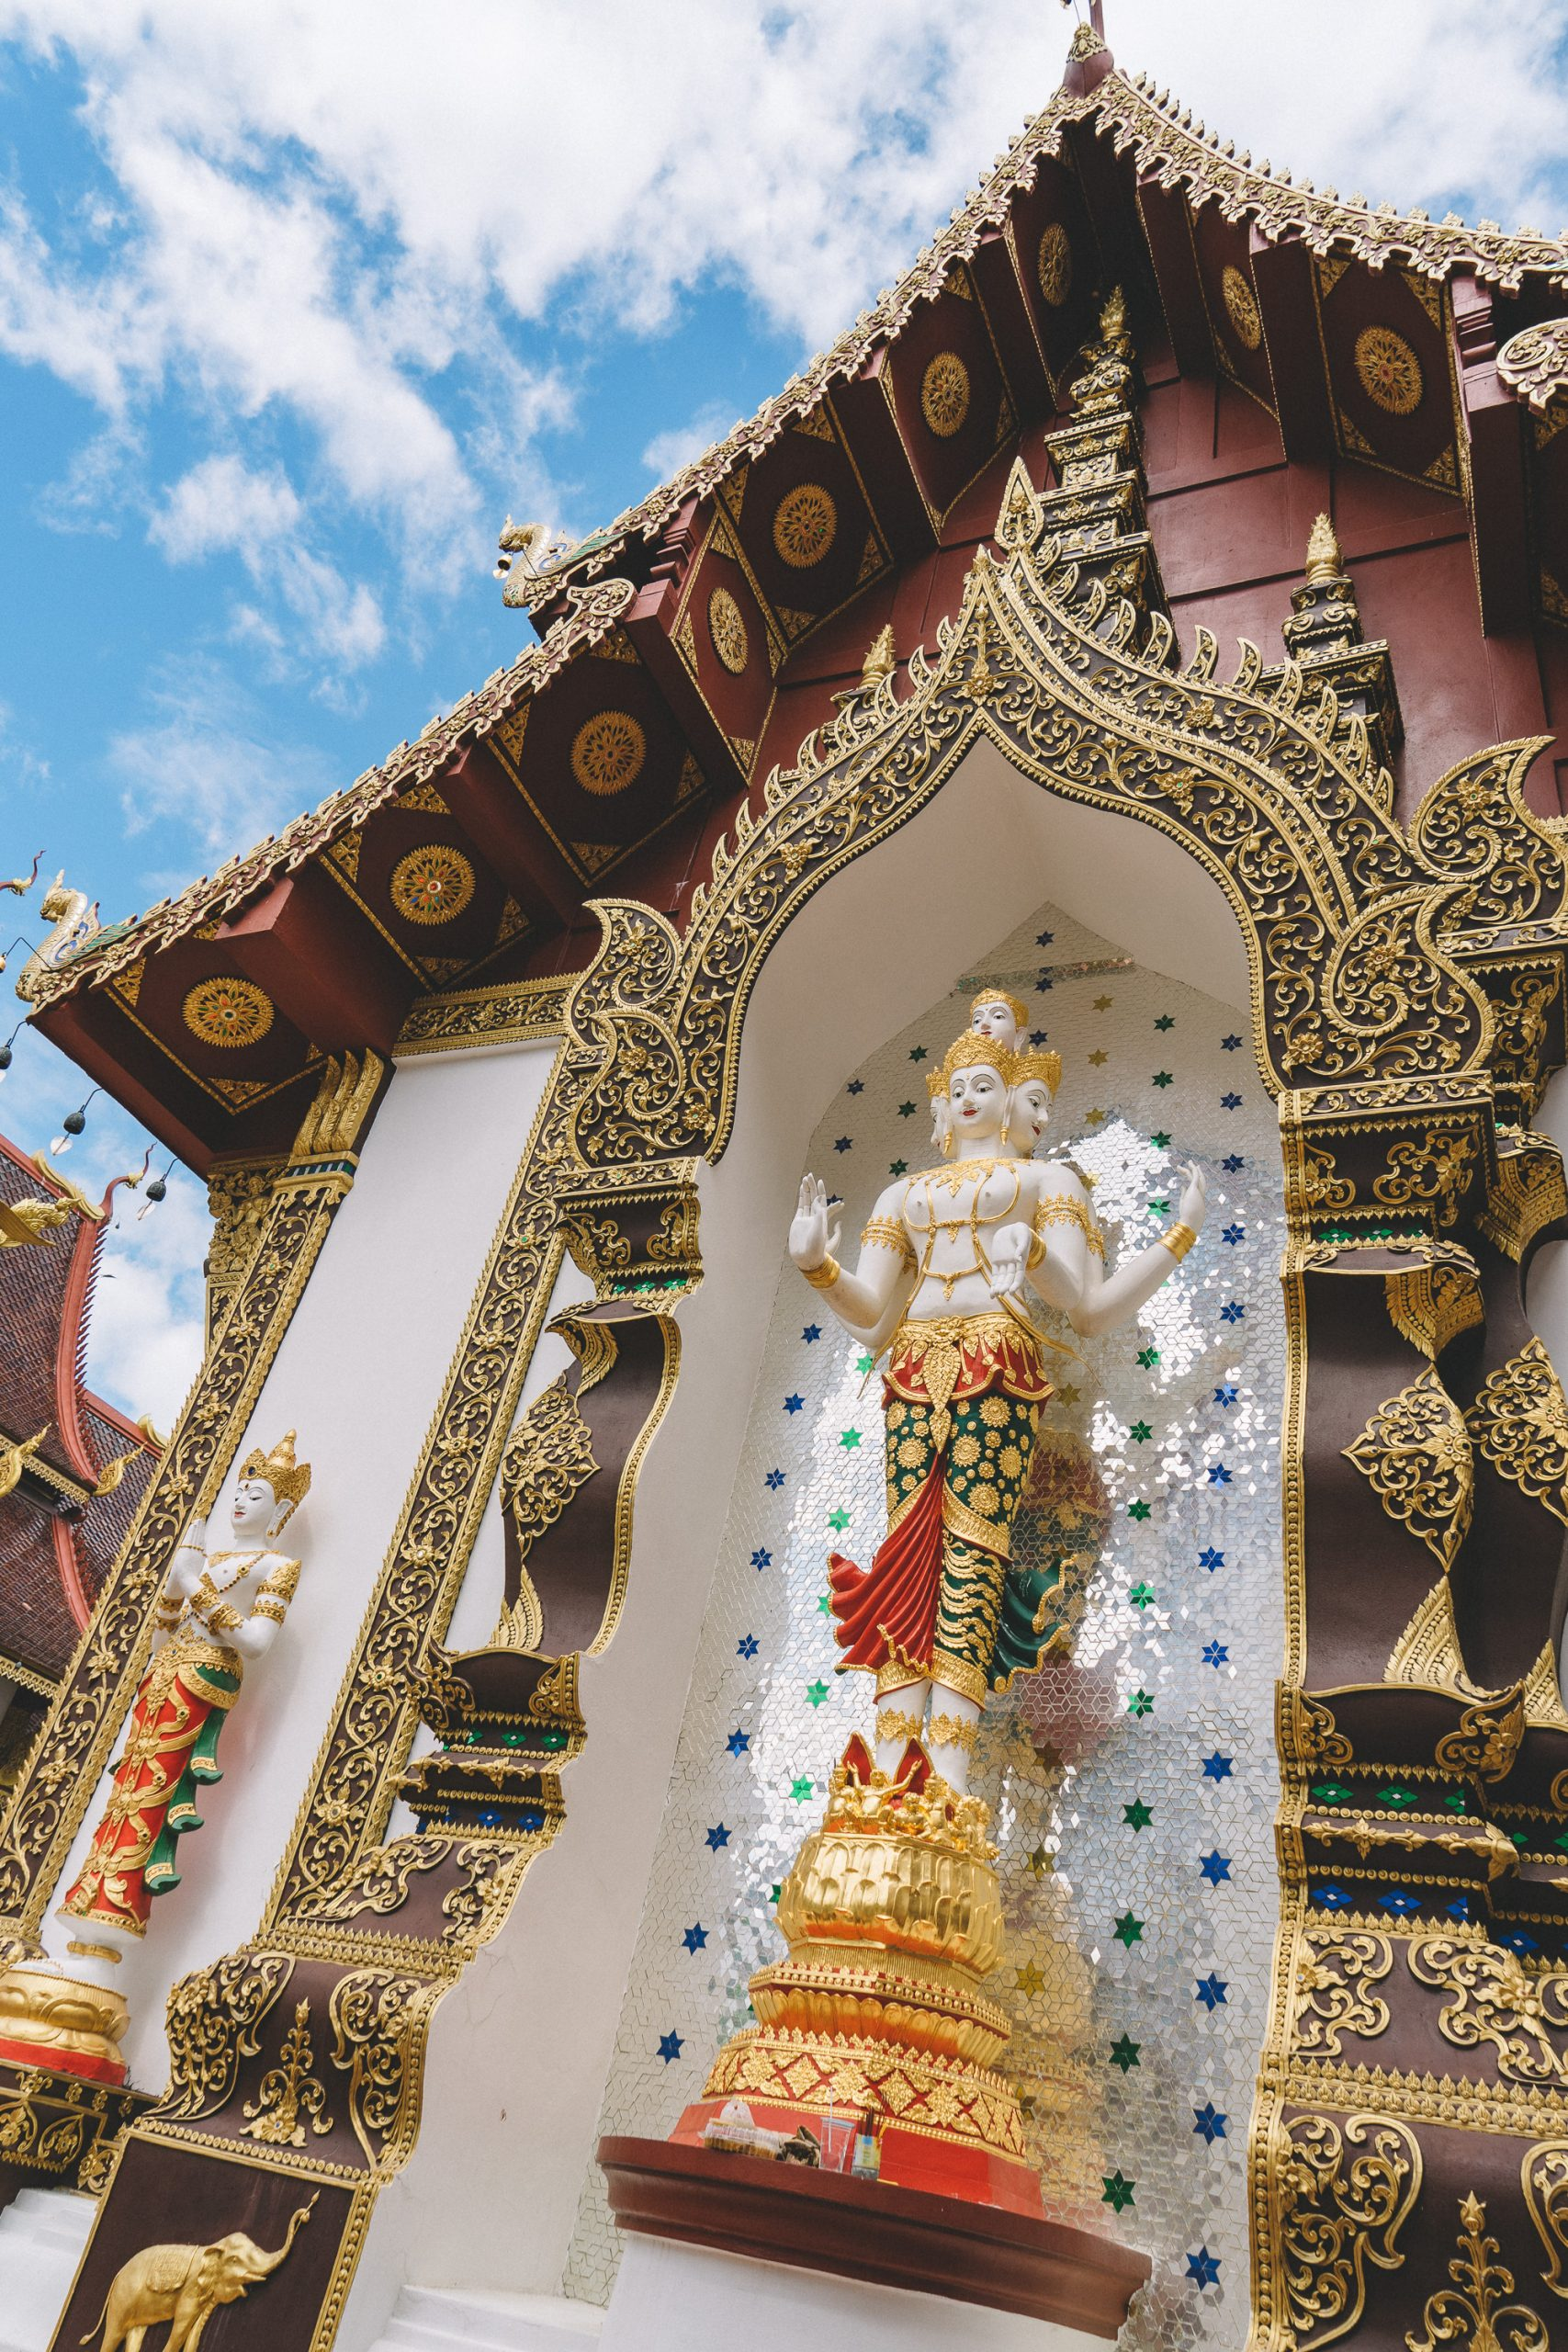 Wat Saen Muang Ma Luang (Wat Hua Khuang)